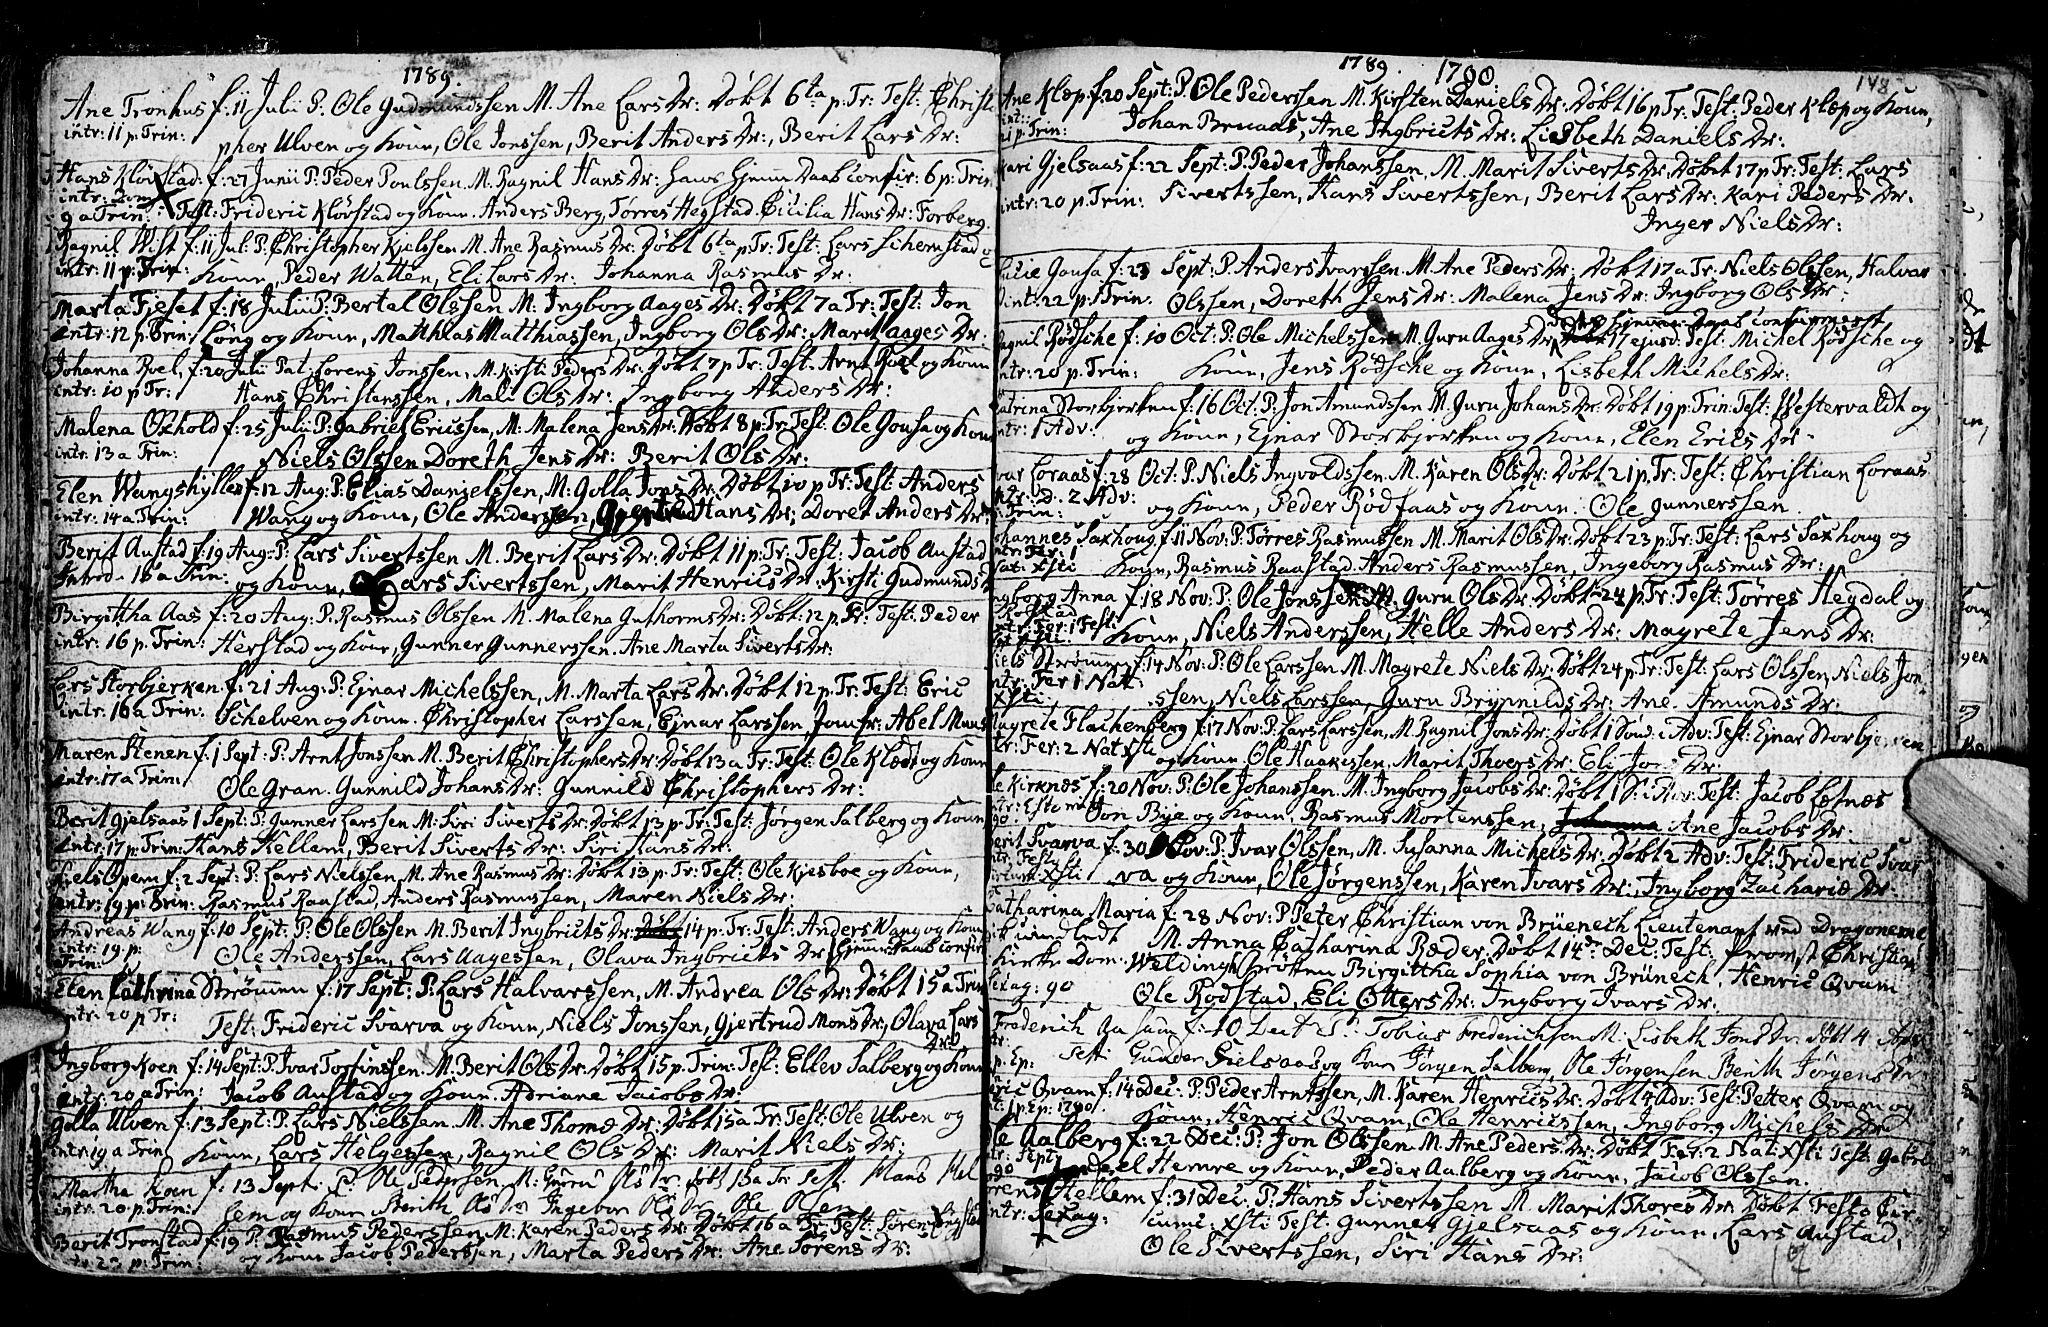 SAT, Ministerialprotokoller, klokkerbøker og fødselsregistre - Nord-Trøndelag, 730/L0273: Ministerialbok nr. 730A02, 1762-1802, s. 148